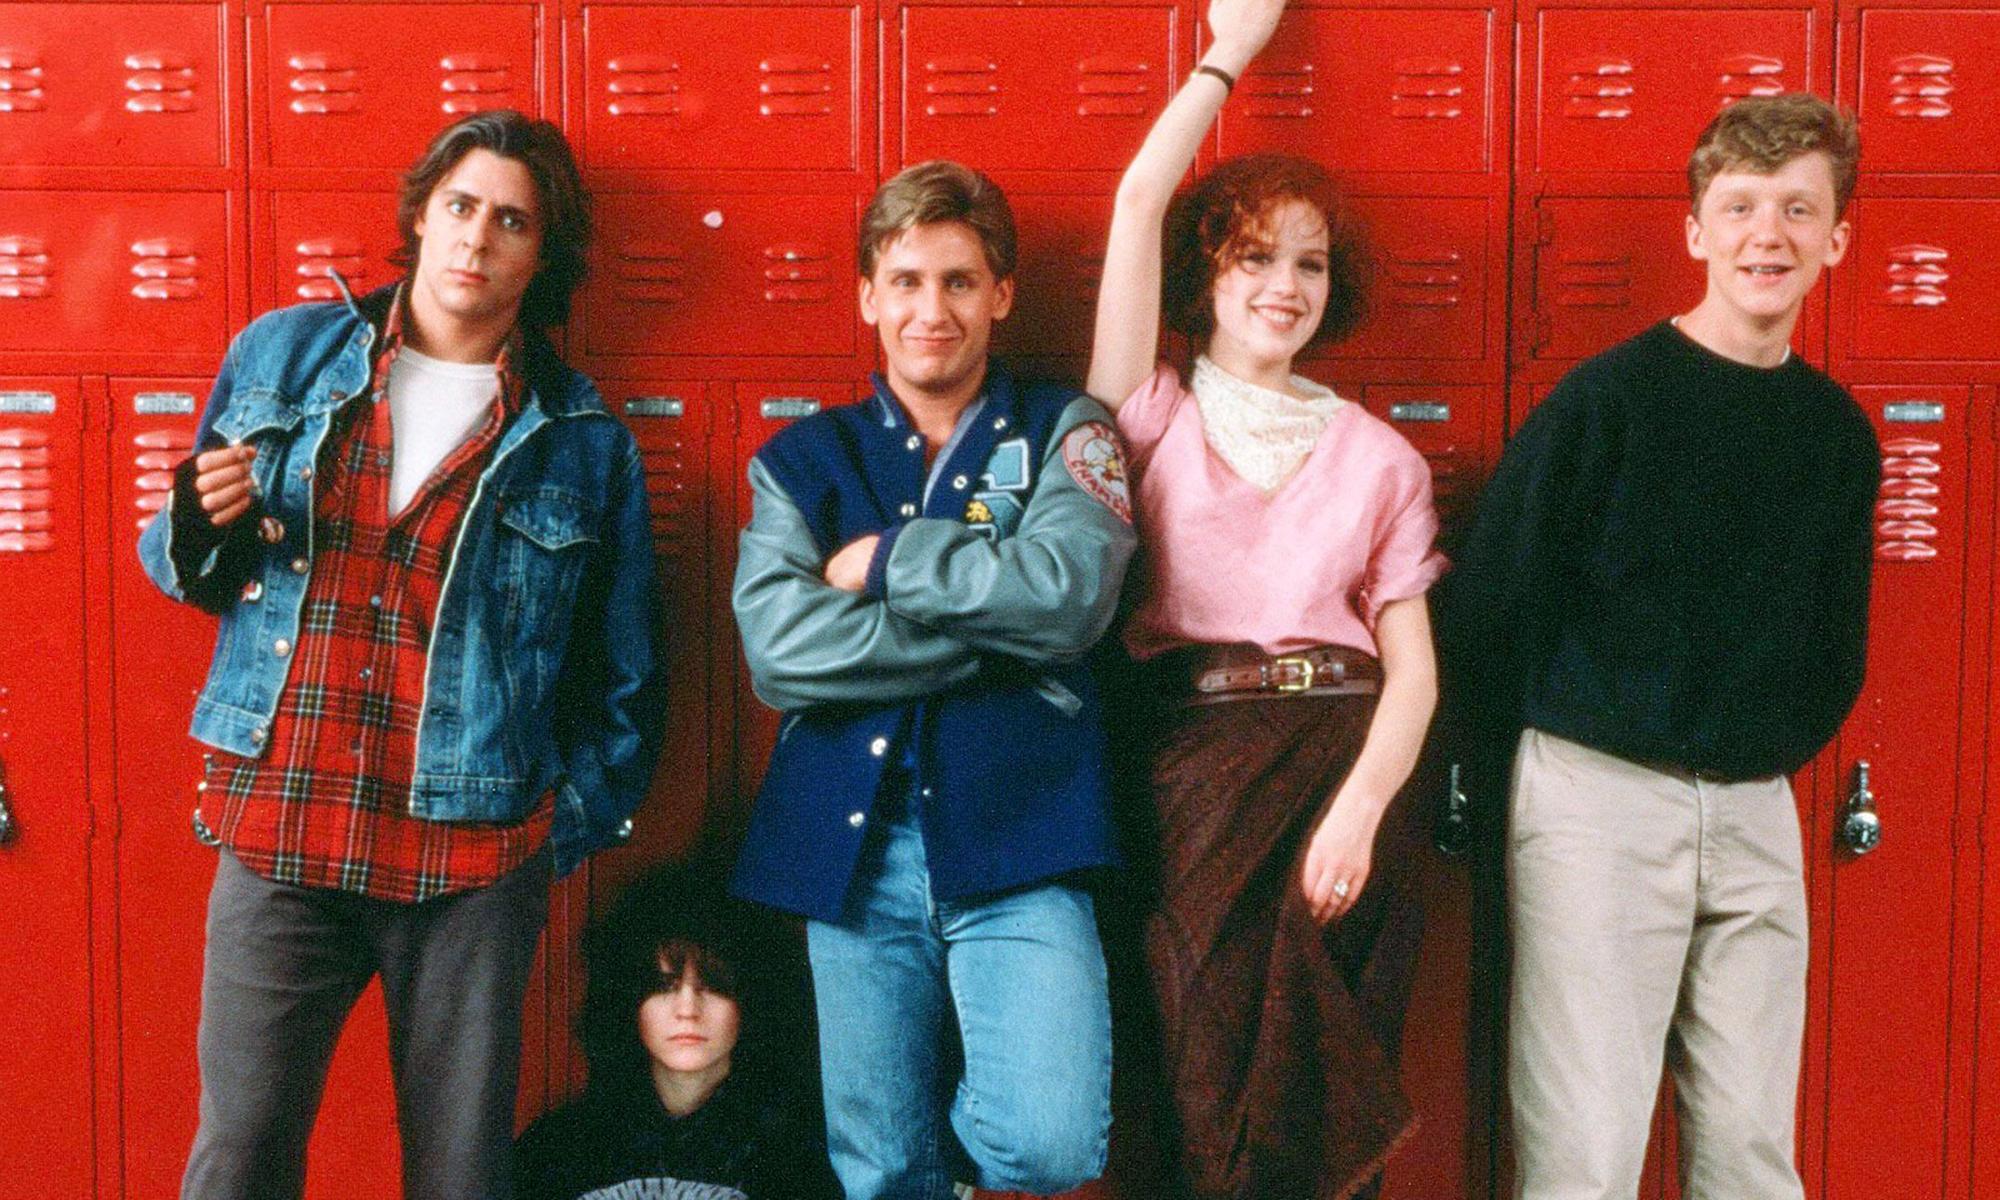 Clube dos Cinco: Relembrando um clássico dos anos 80